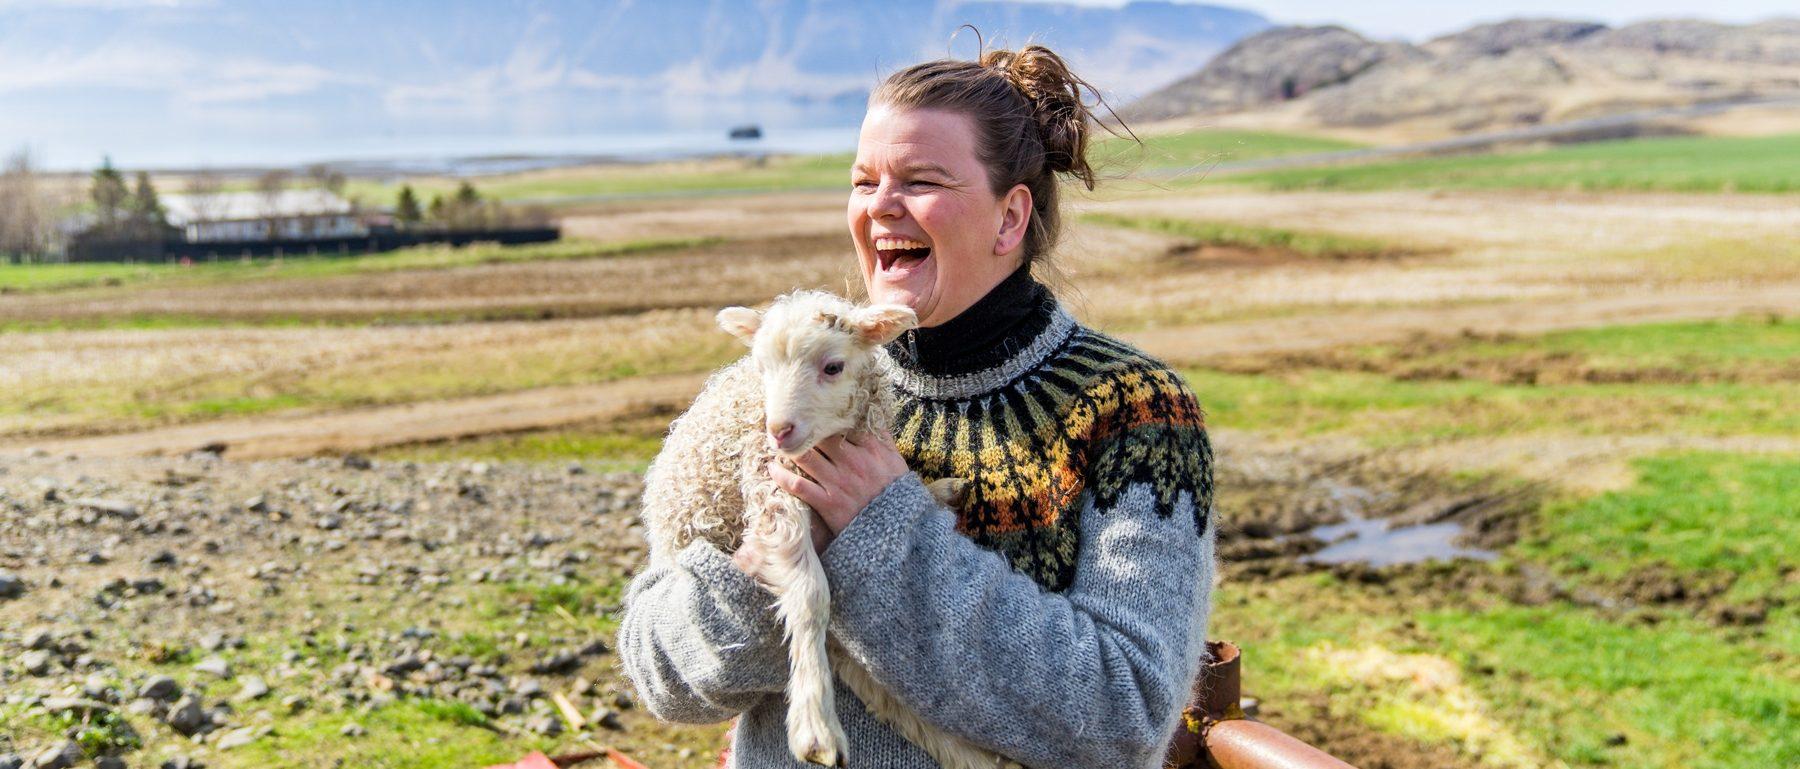 Isländerin mit gestricktem Pulli und Lamm